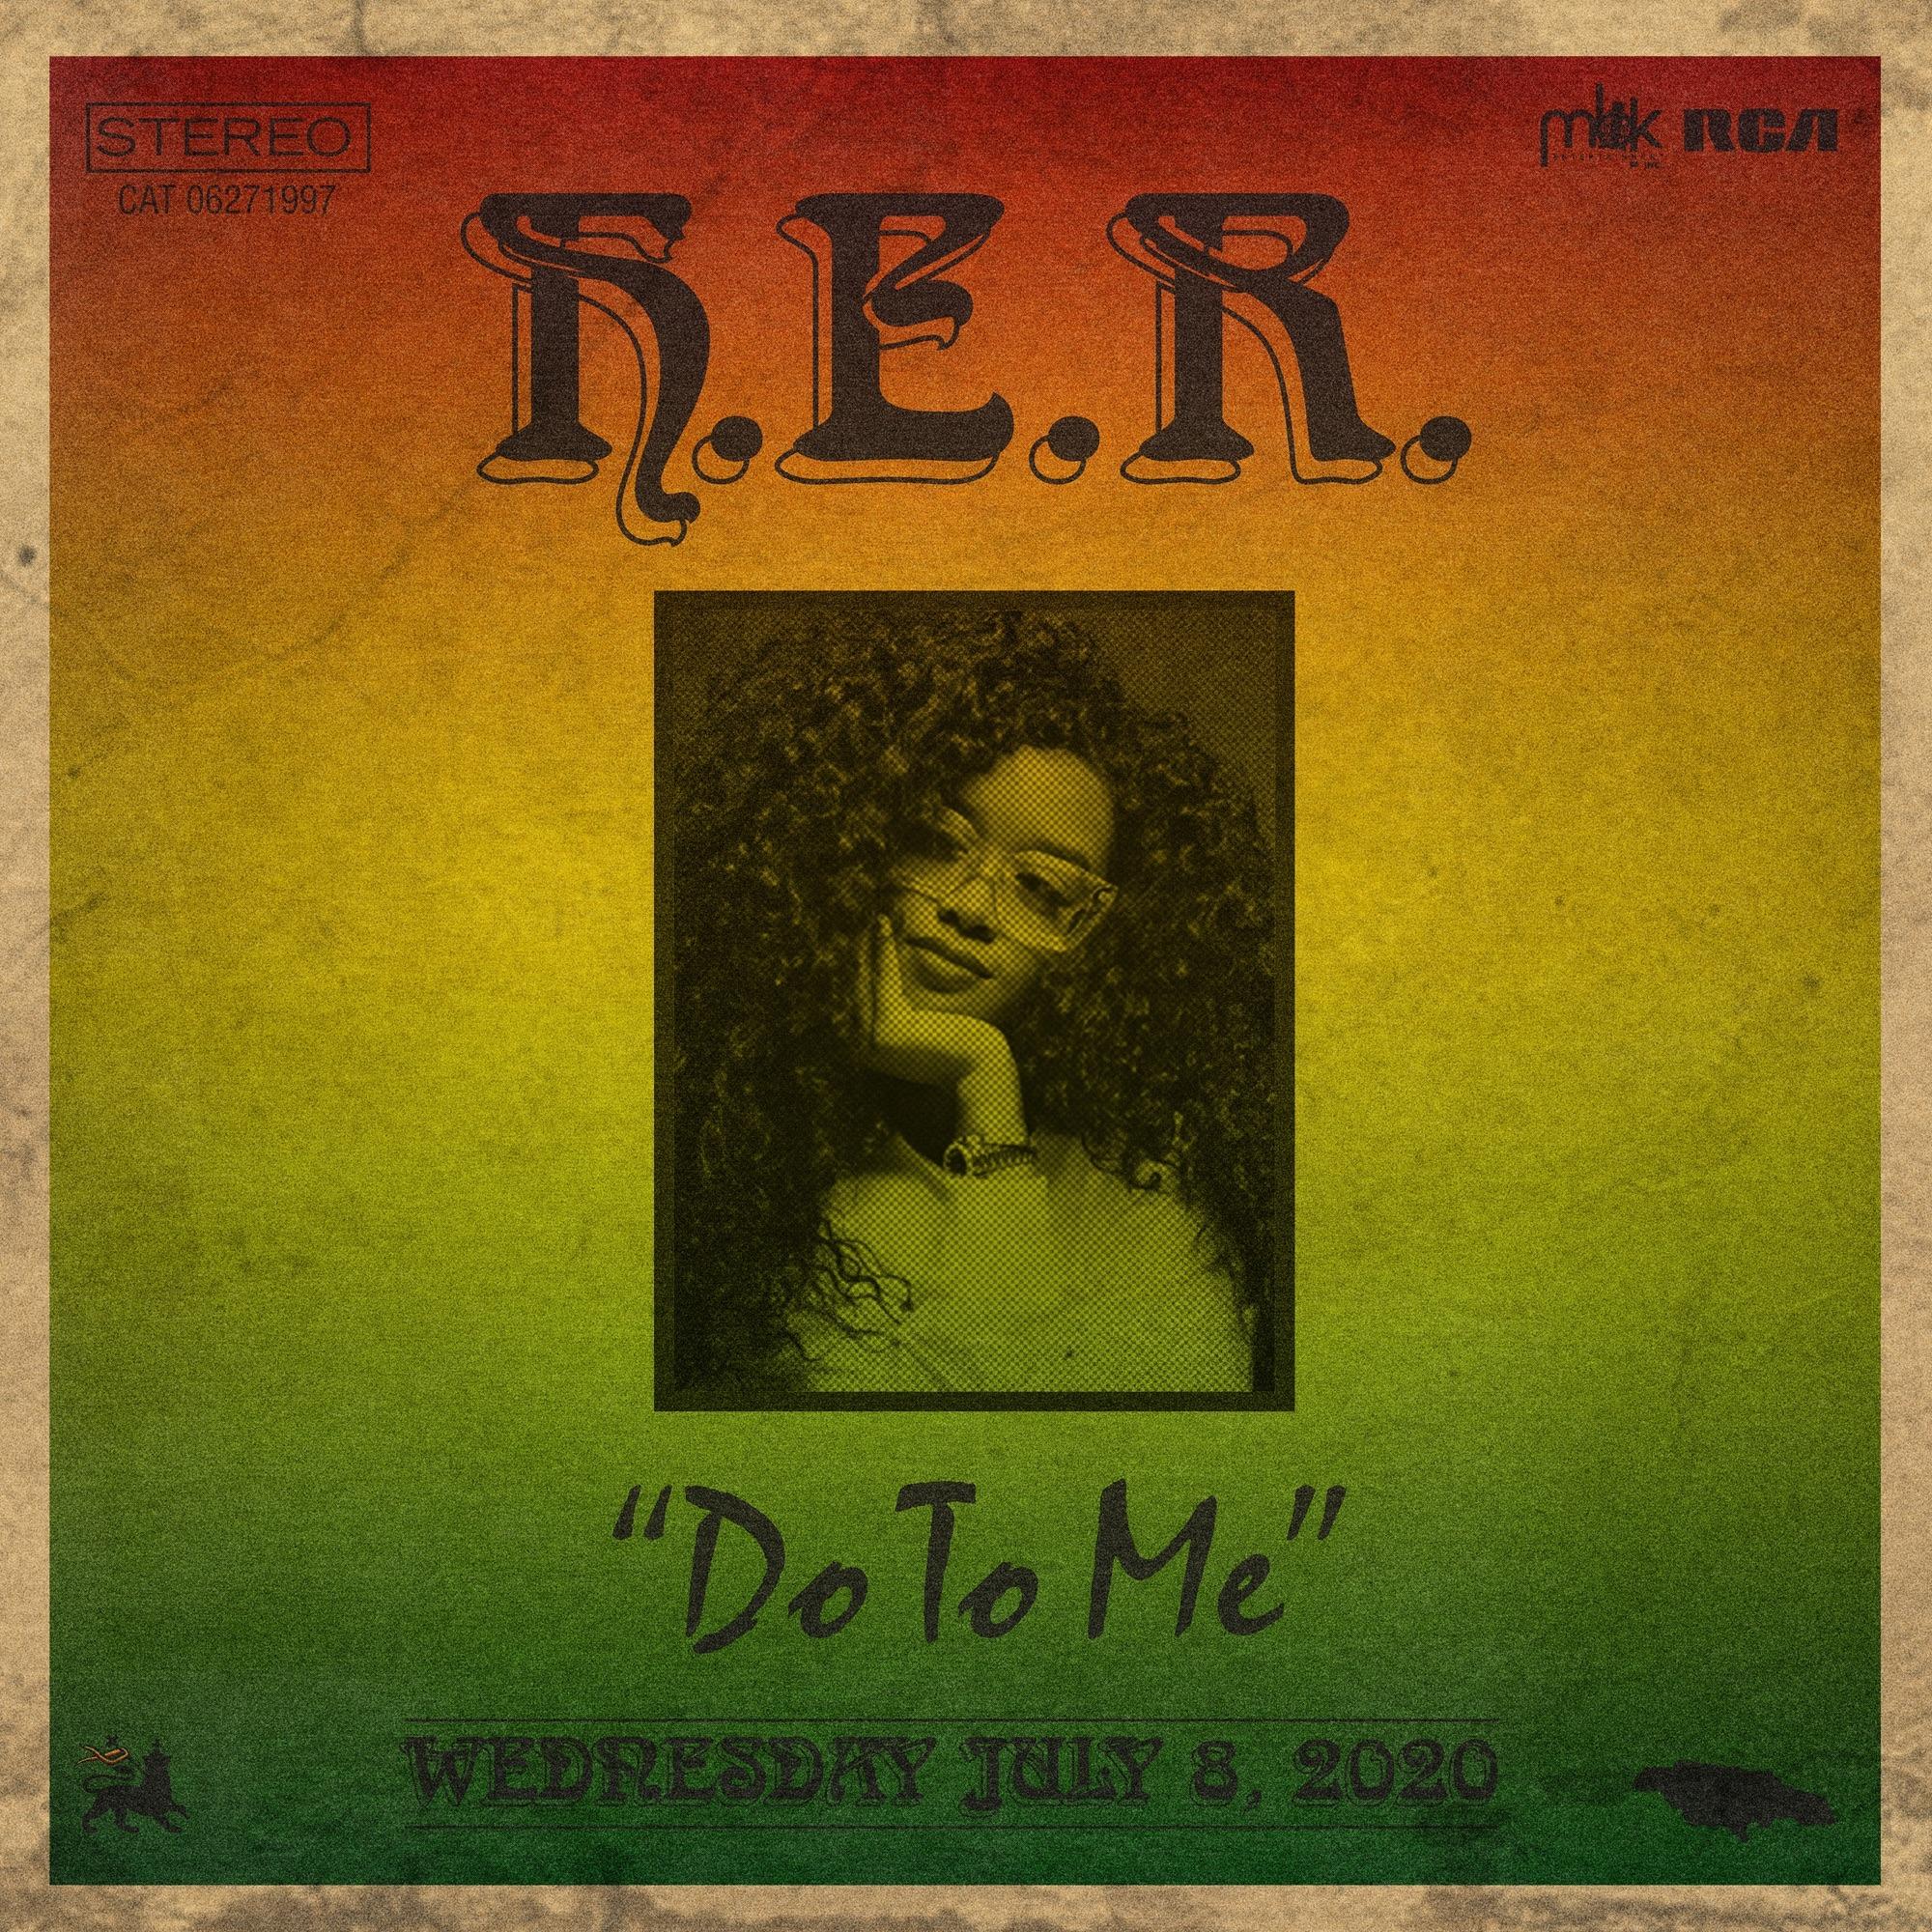 New Single: H.E.R. – Do to Me